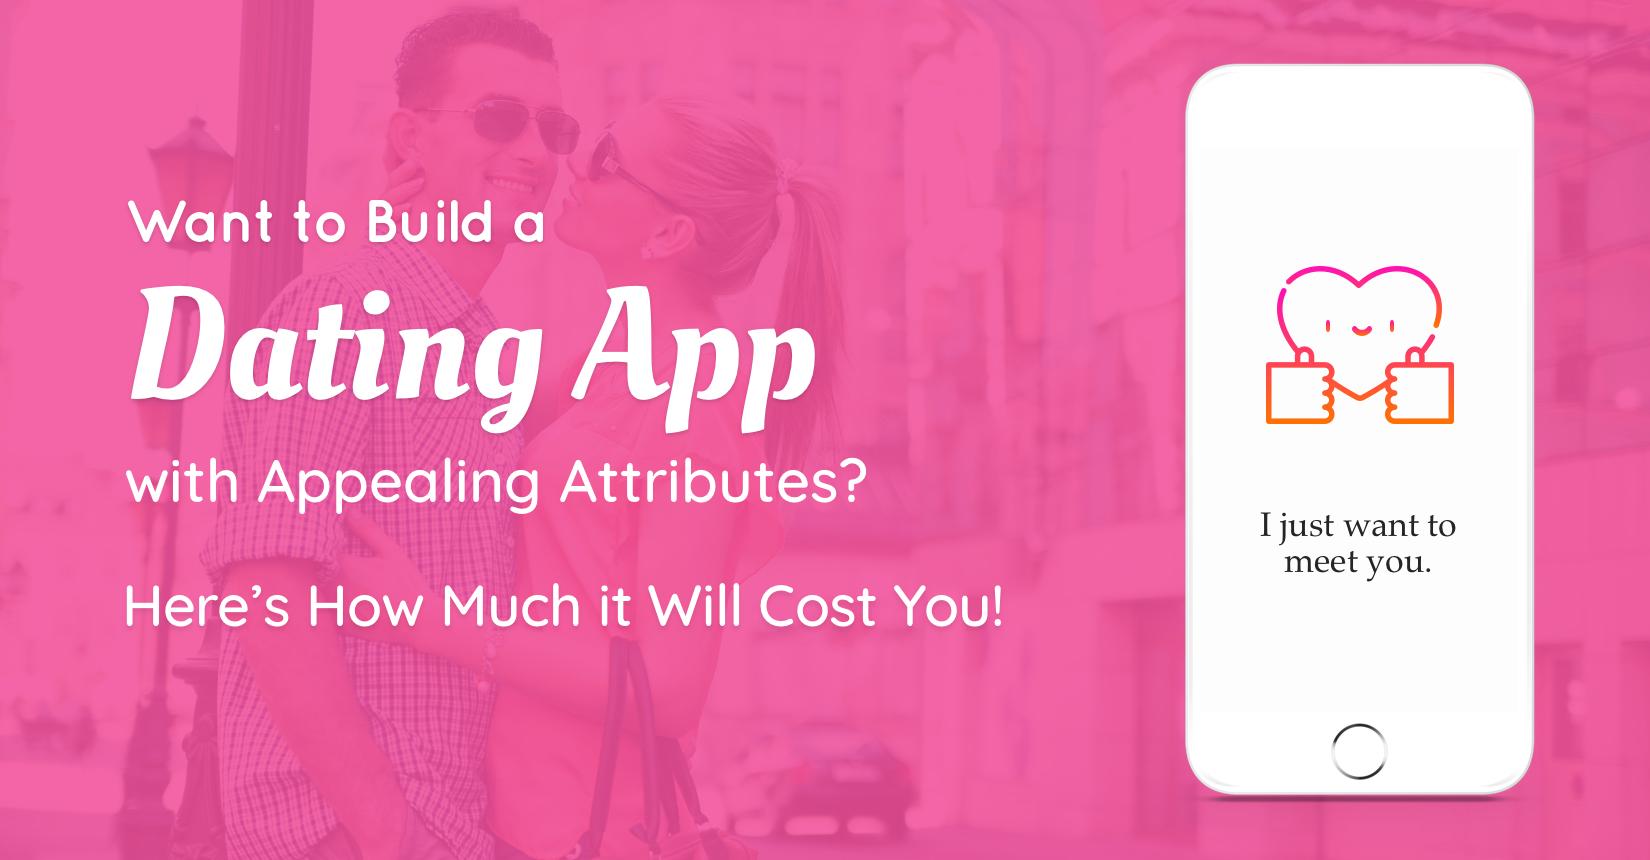 开发约会应用需要多少费用?